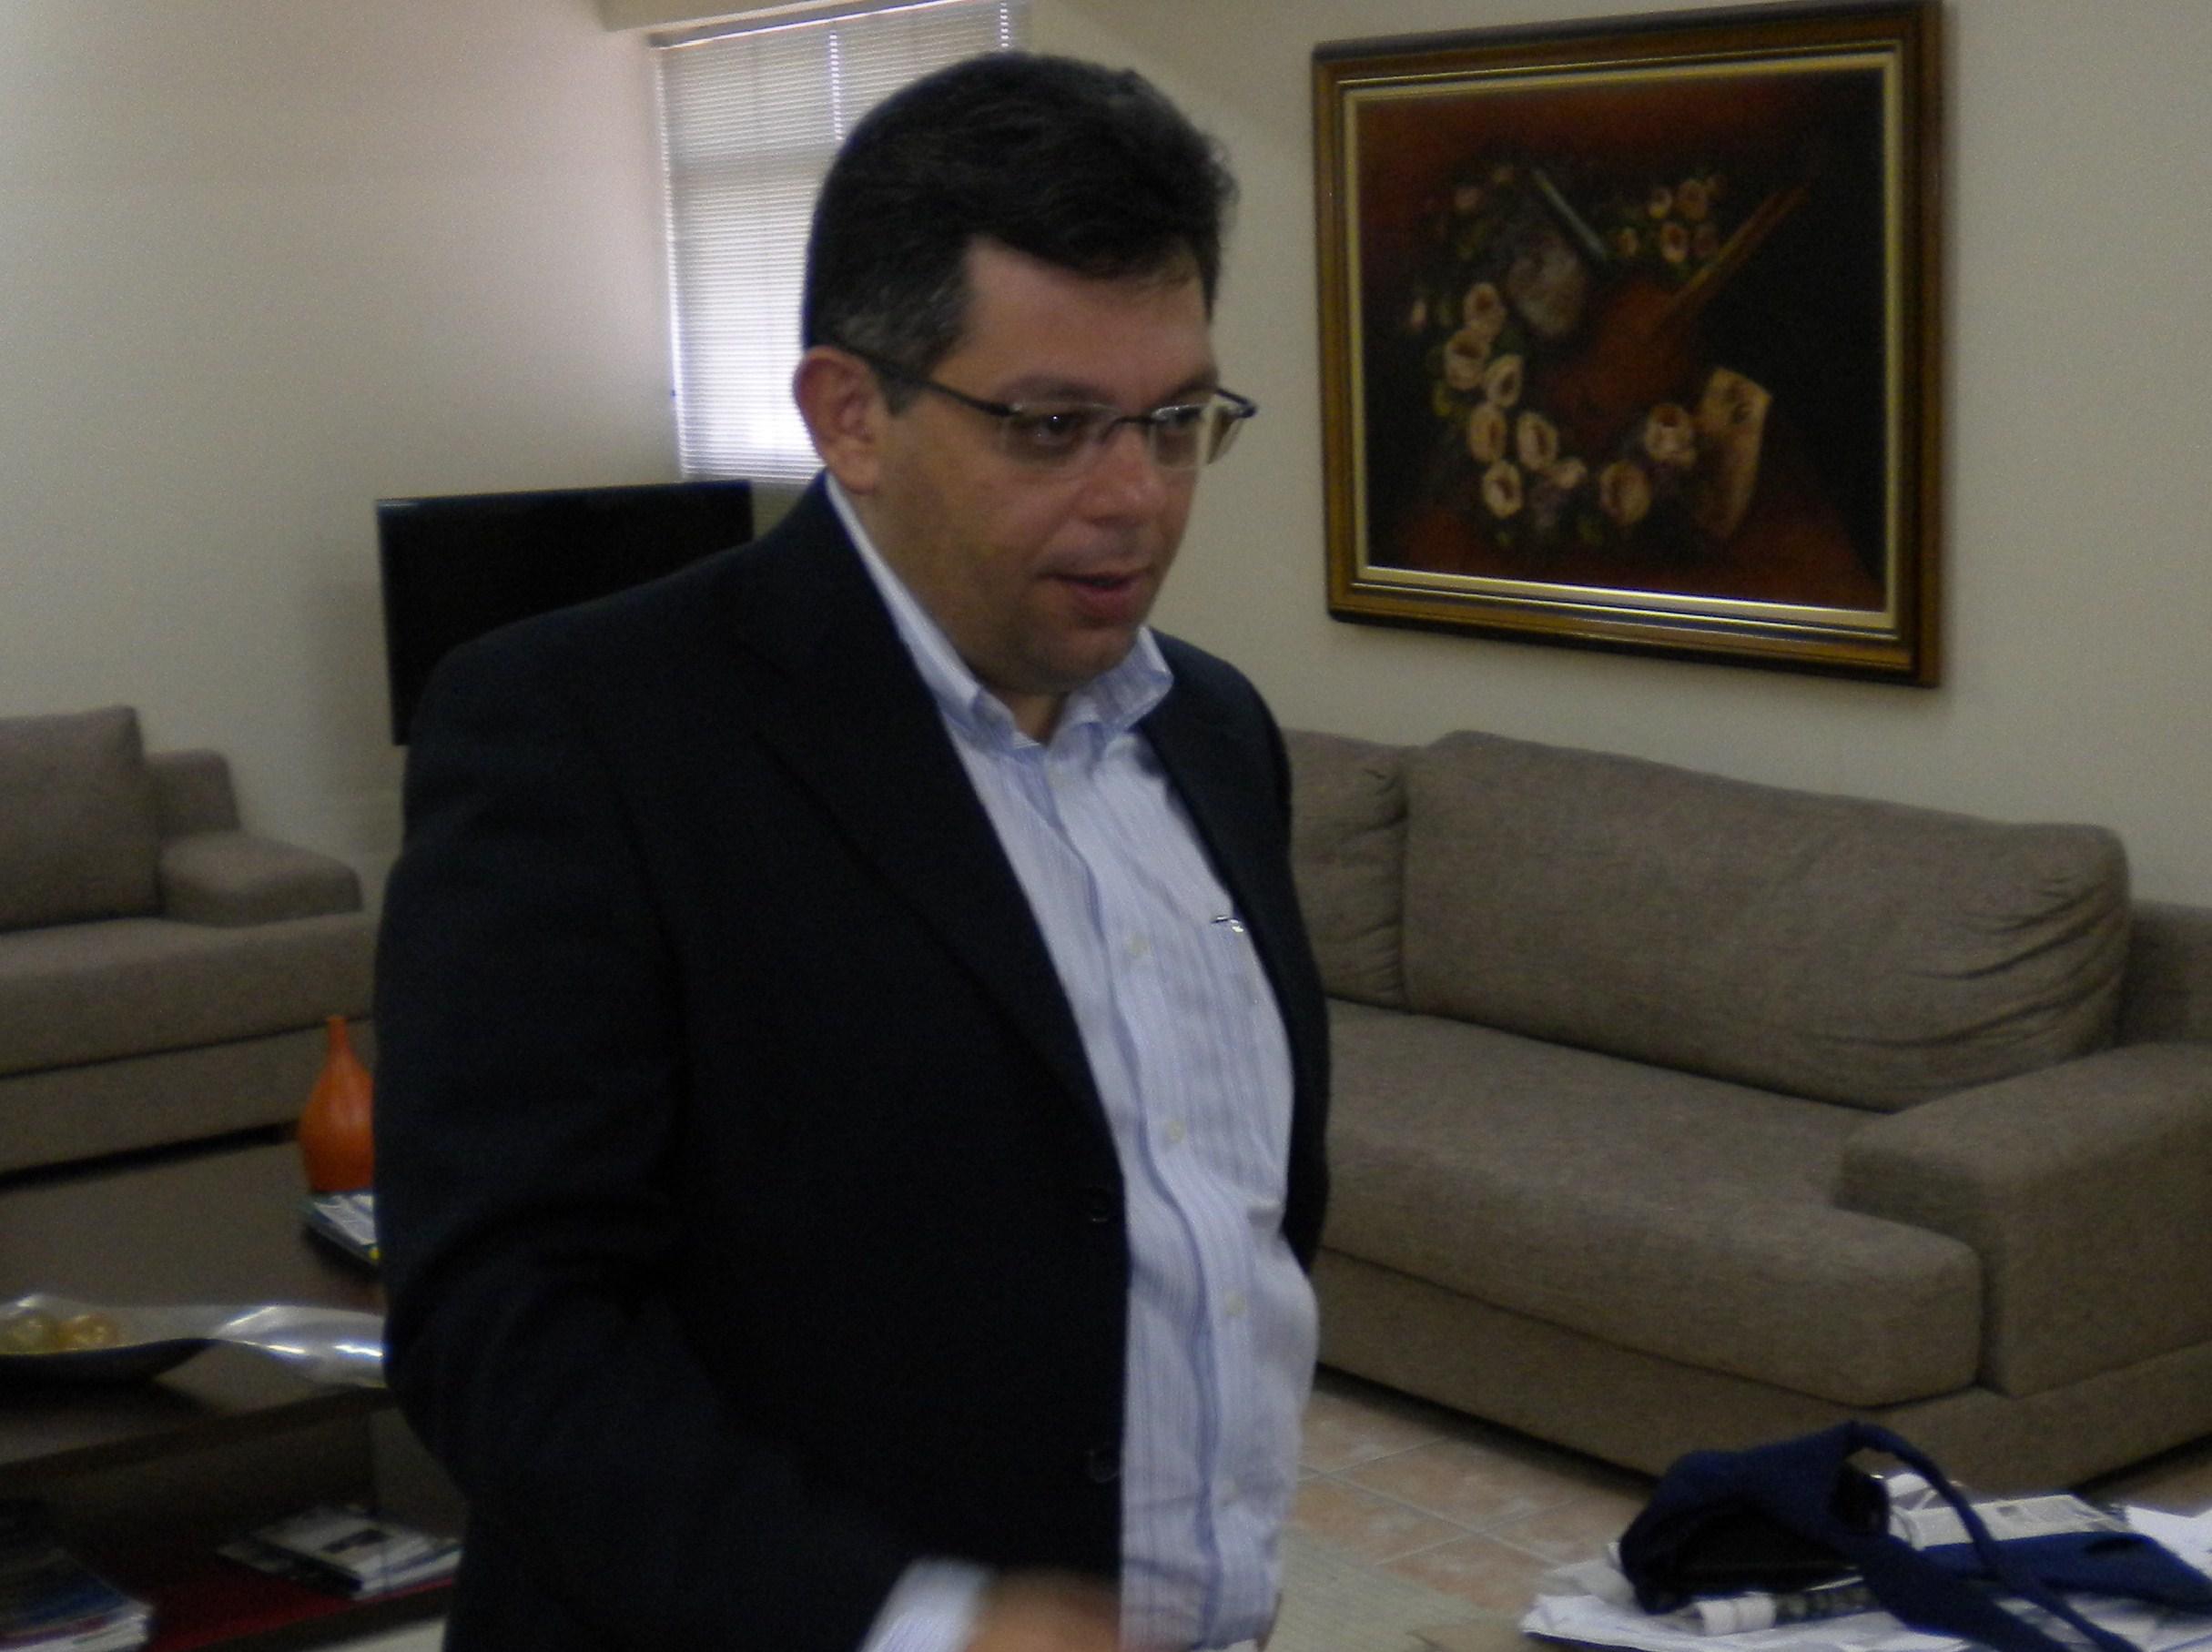 Autor da representação, o procurador da República Alessander Sales argumenta que o artigo 87 fere vários princípios e artigos da Constituição Federal (FOTO: Reprodução)